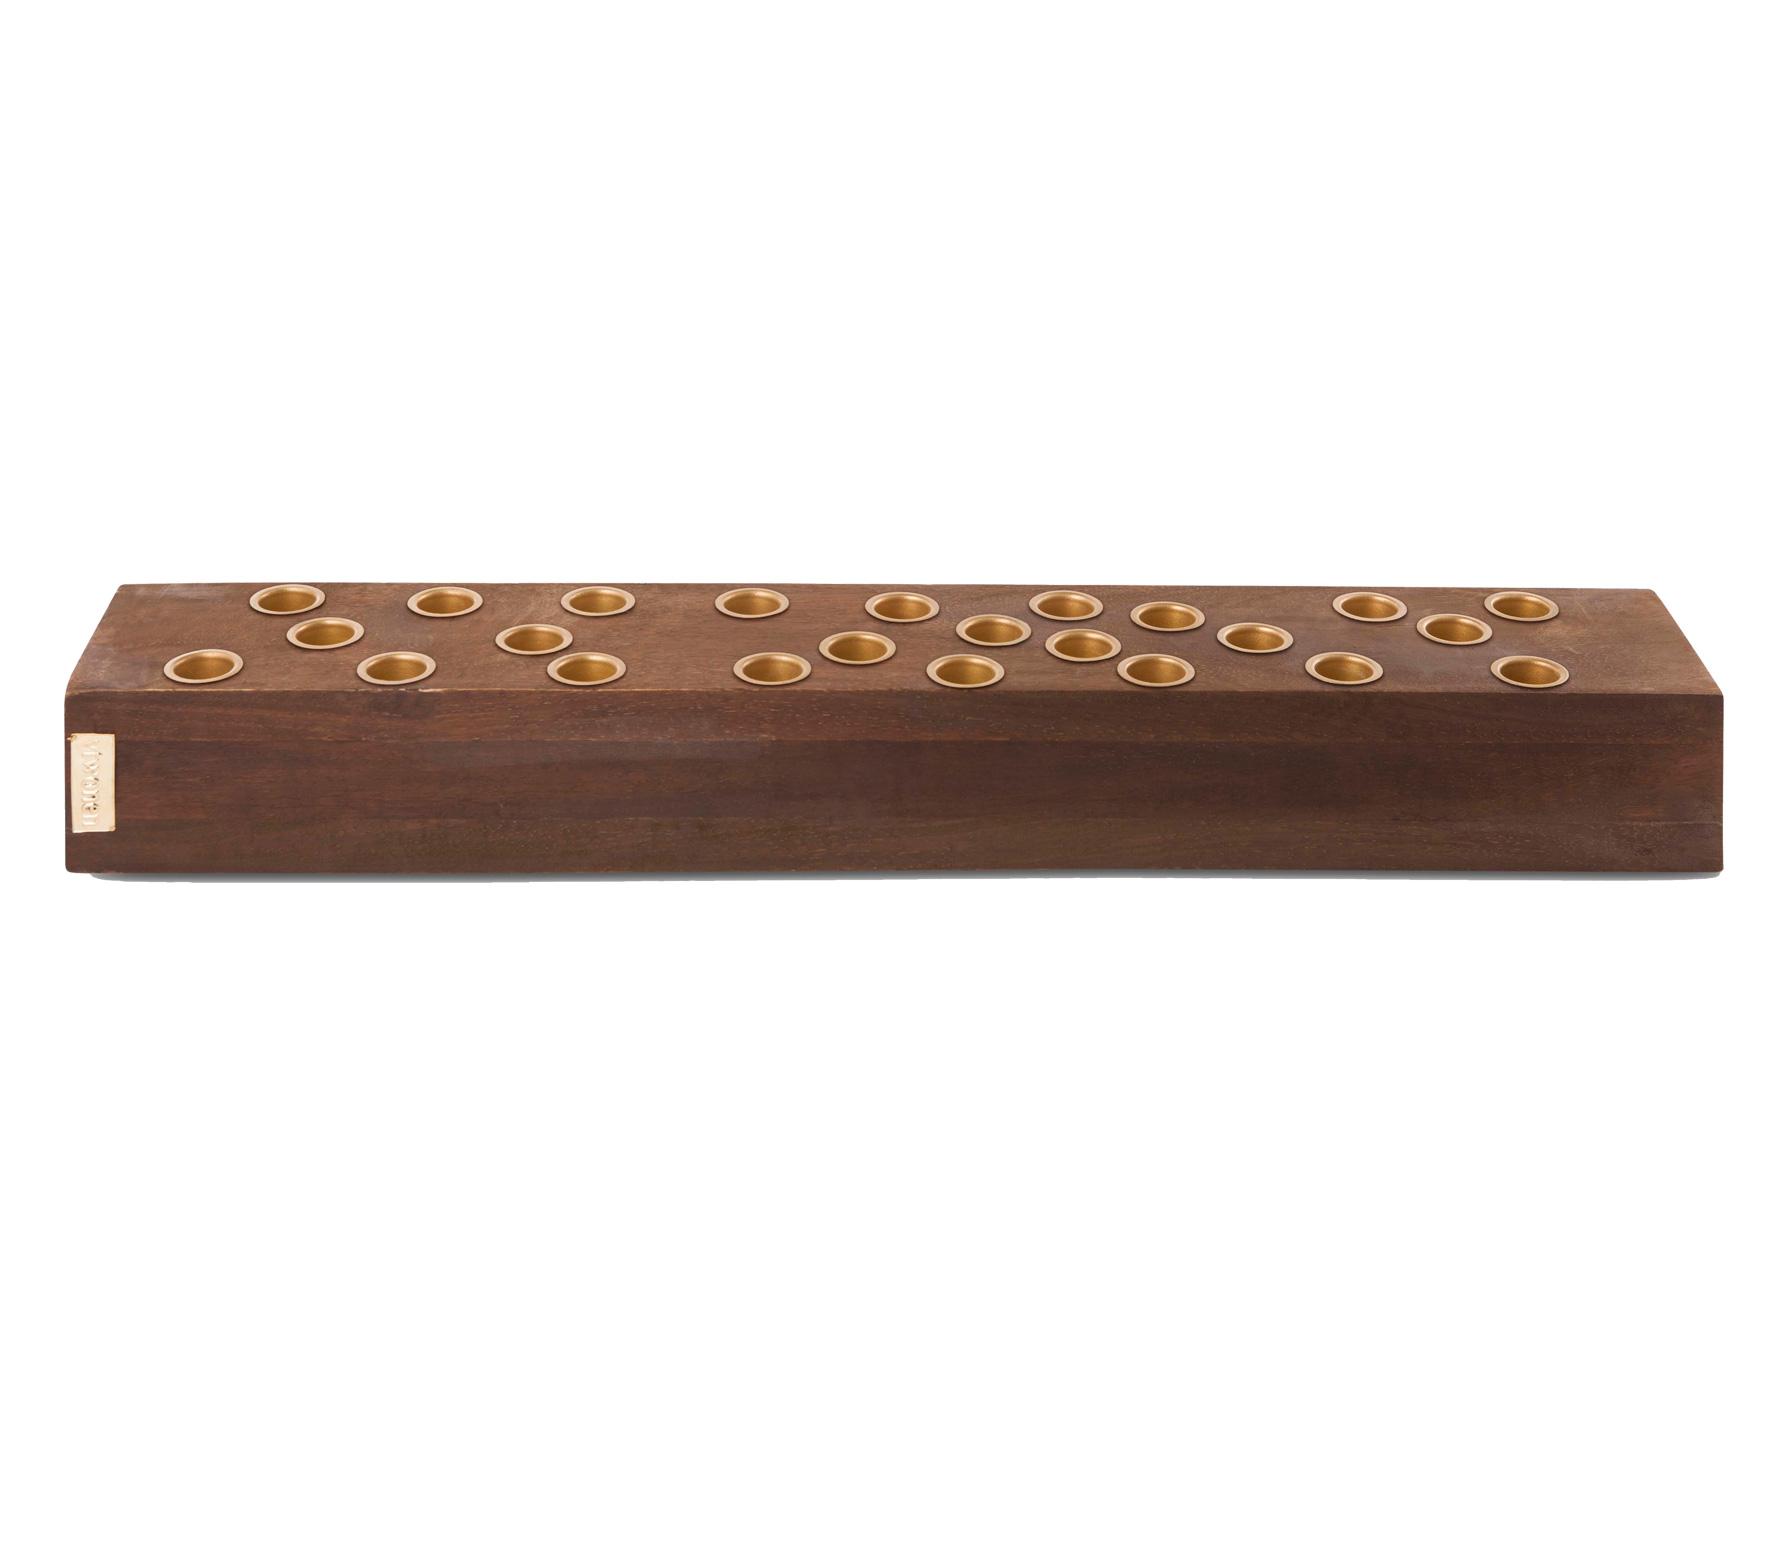 vtwonen kandelaar rechthoek 60x10 cm hout bruin